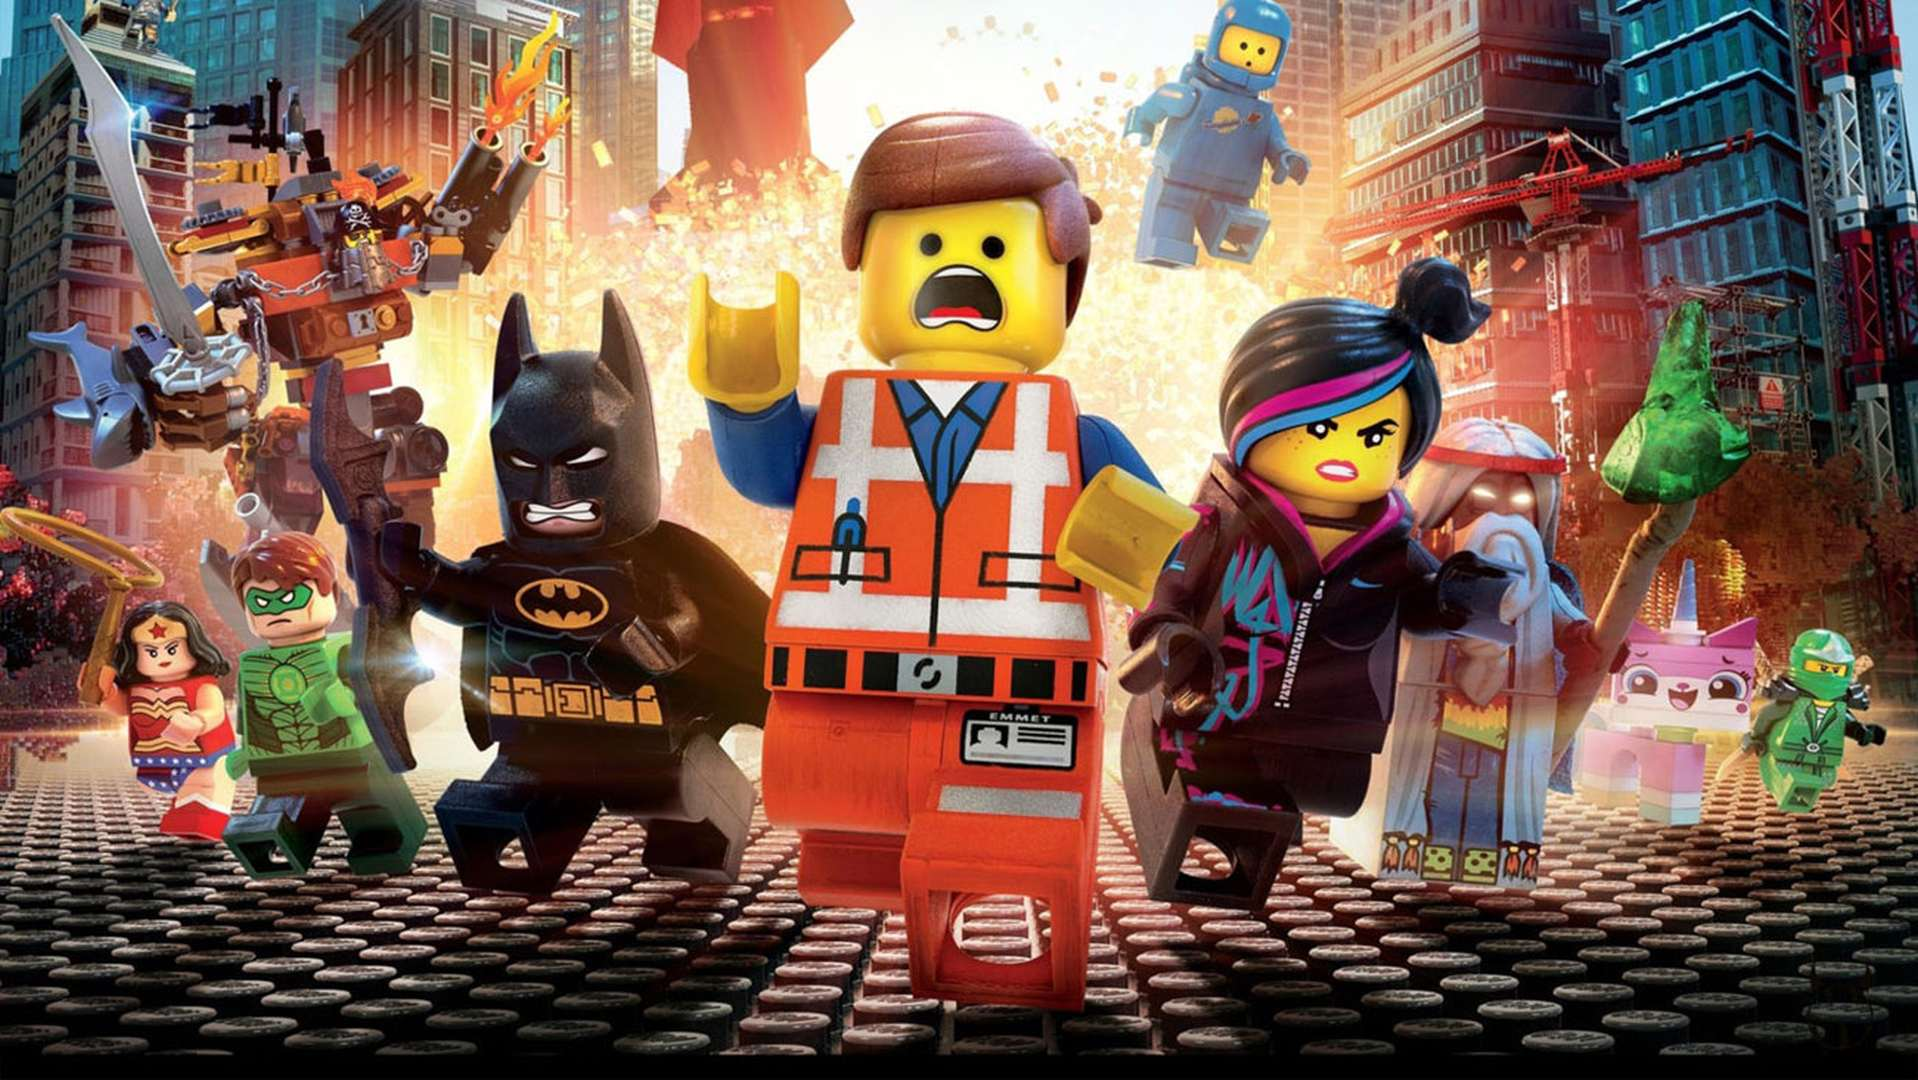 Lego Przygoda 2 Gra Wideo Poradnik Do Trofeów I Osiągnięć